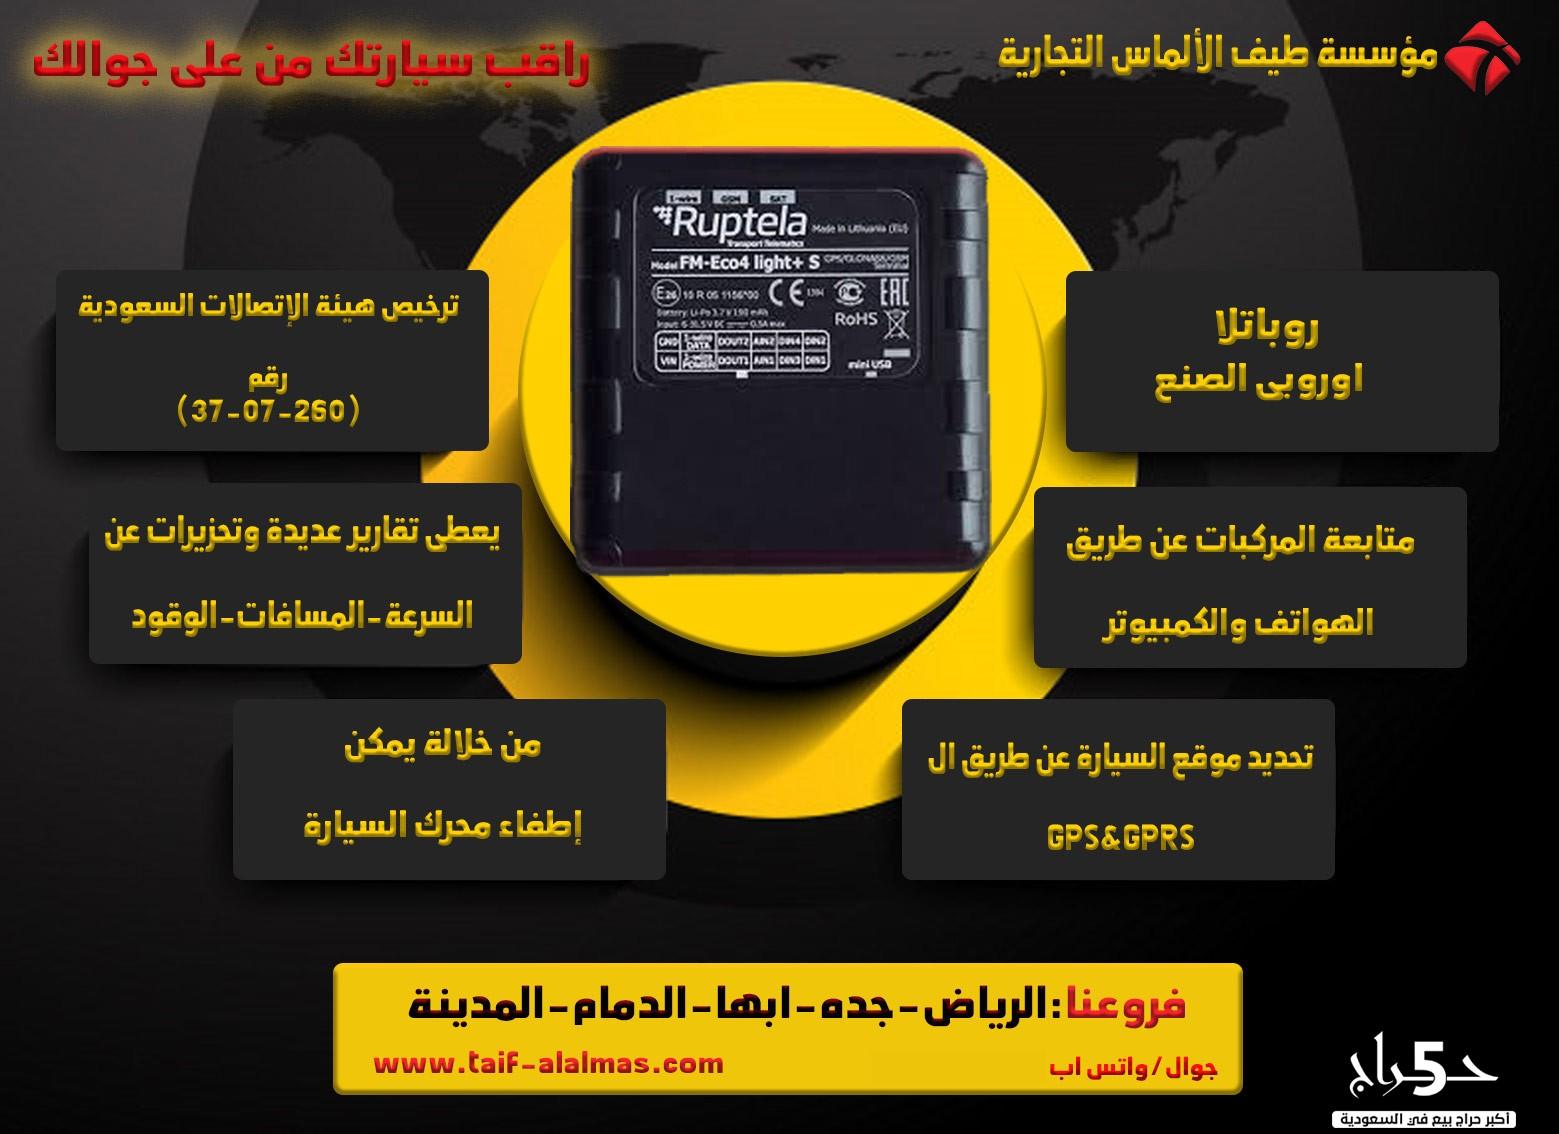 كاميرا مراقبة سيارة داخلية و خارجية عالية الدقة - جهاز تتبع سيارات Model Ruptela FM- Eco4 light+s